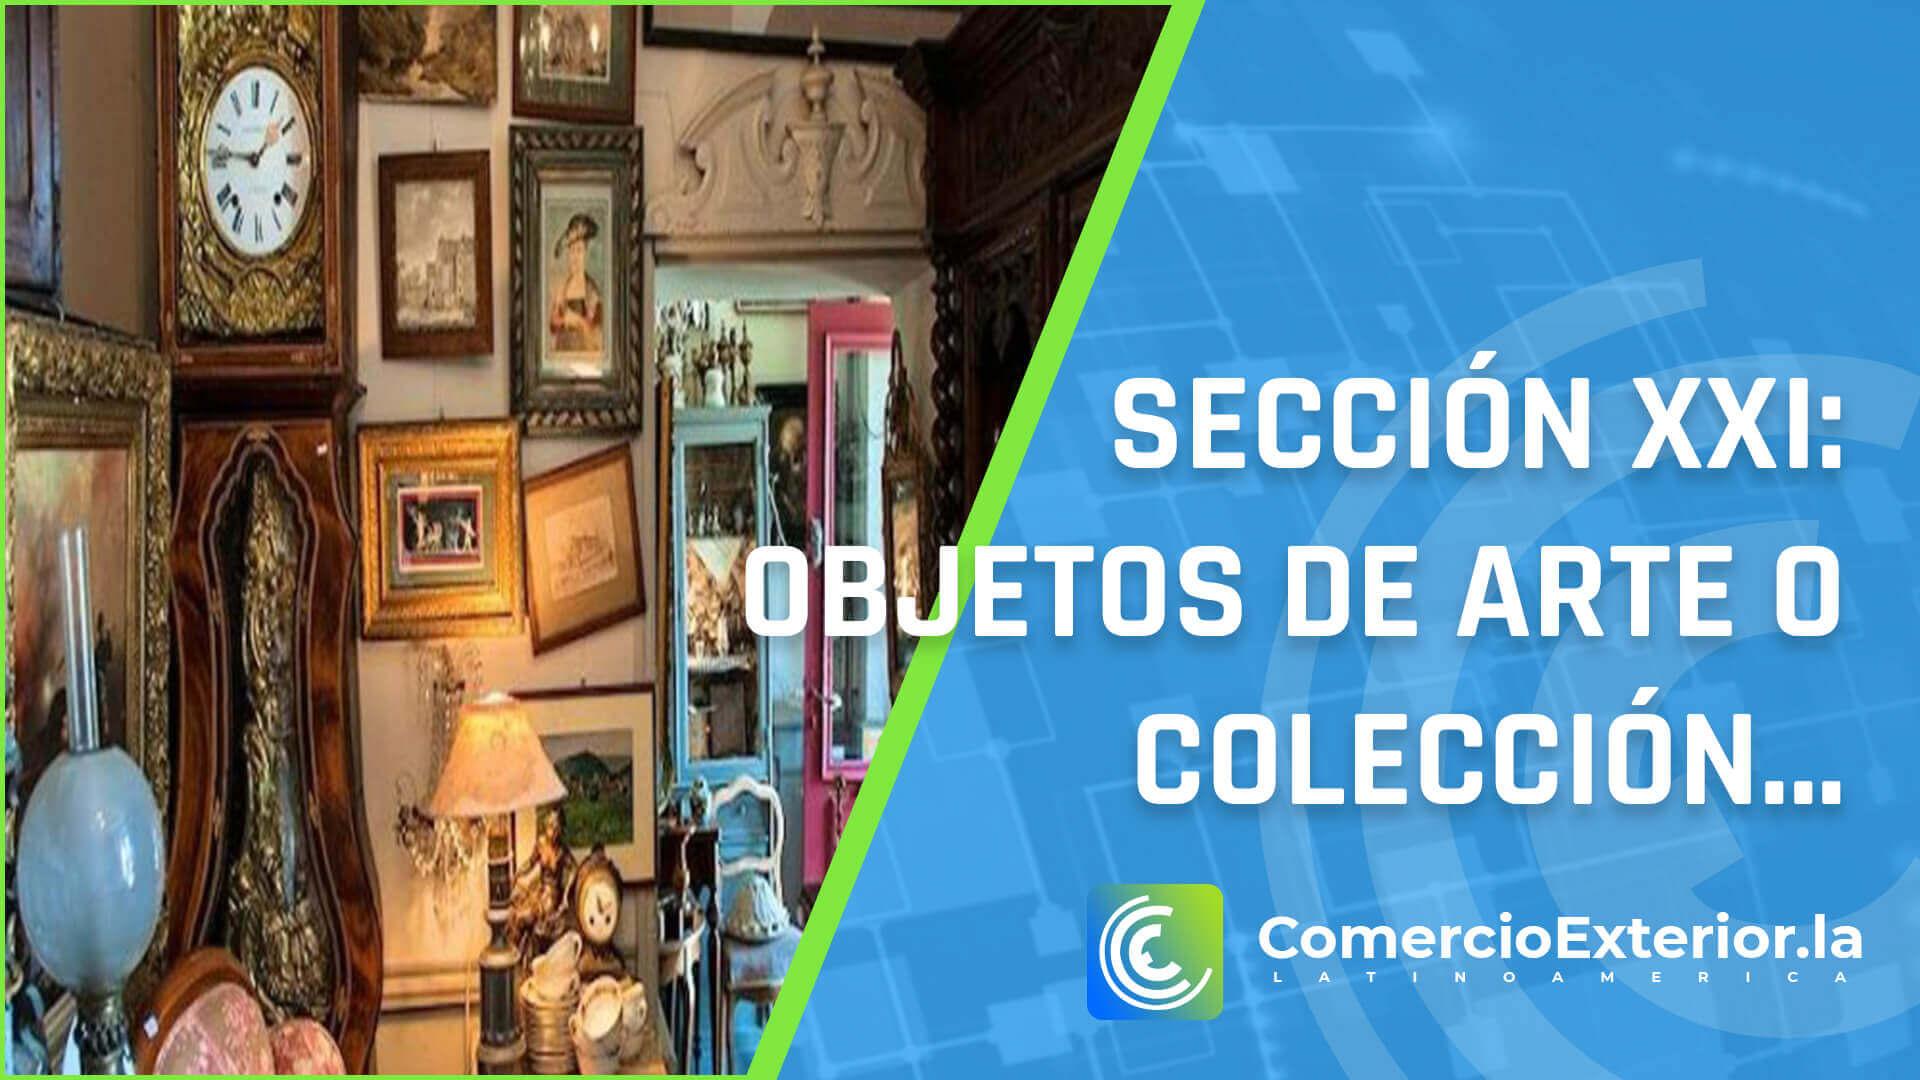 Objetos de arte o colección y antigüedades